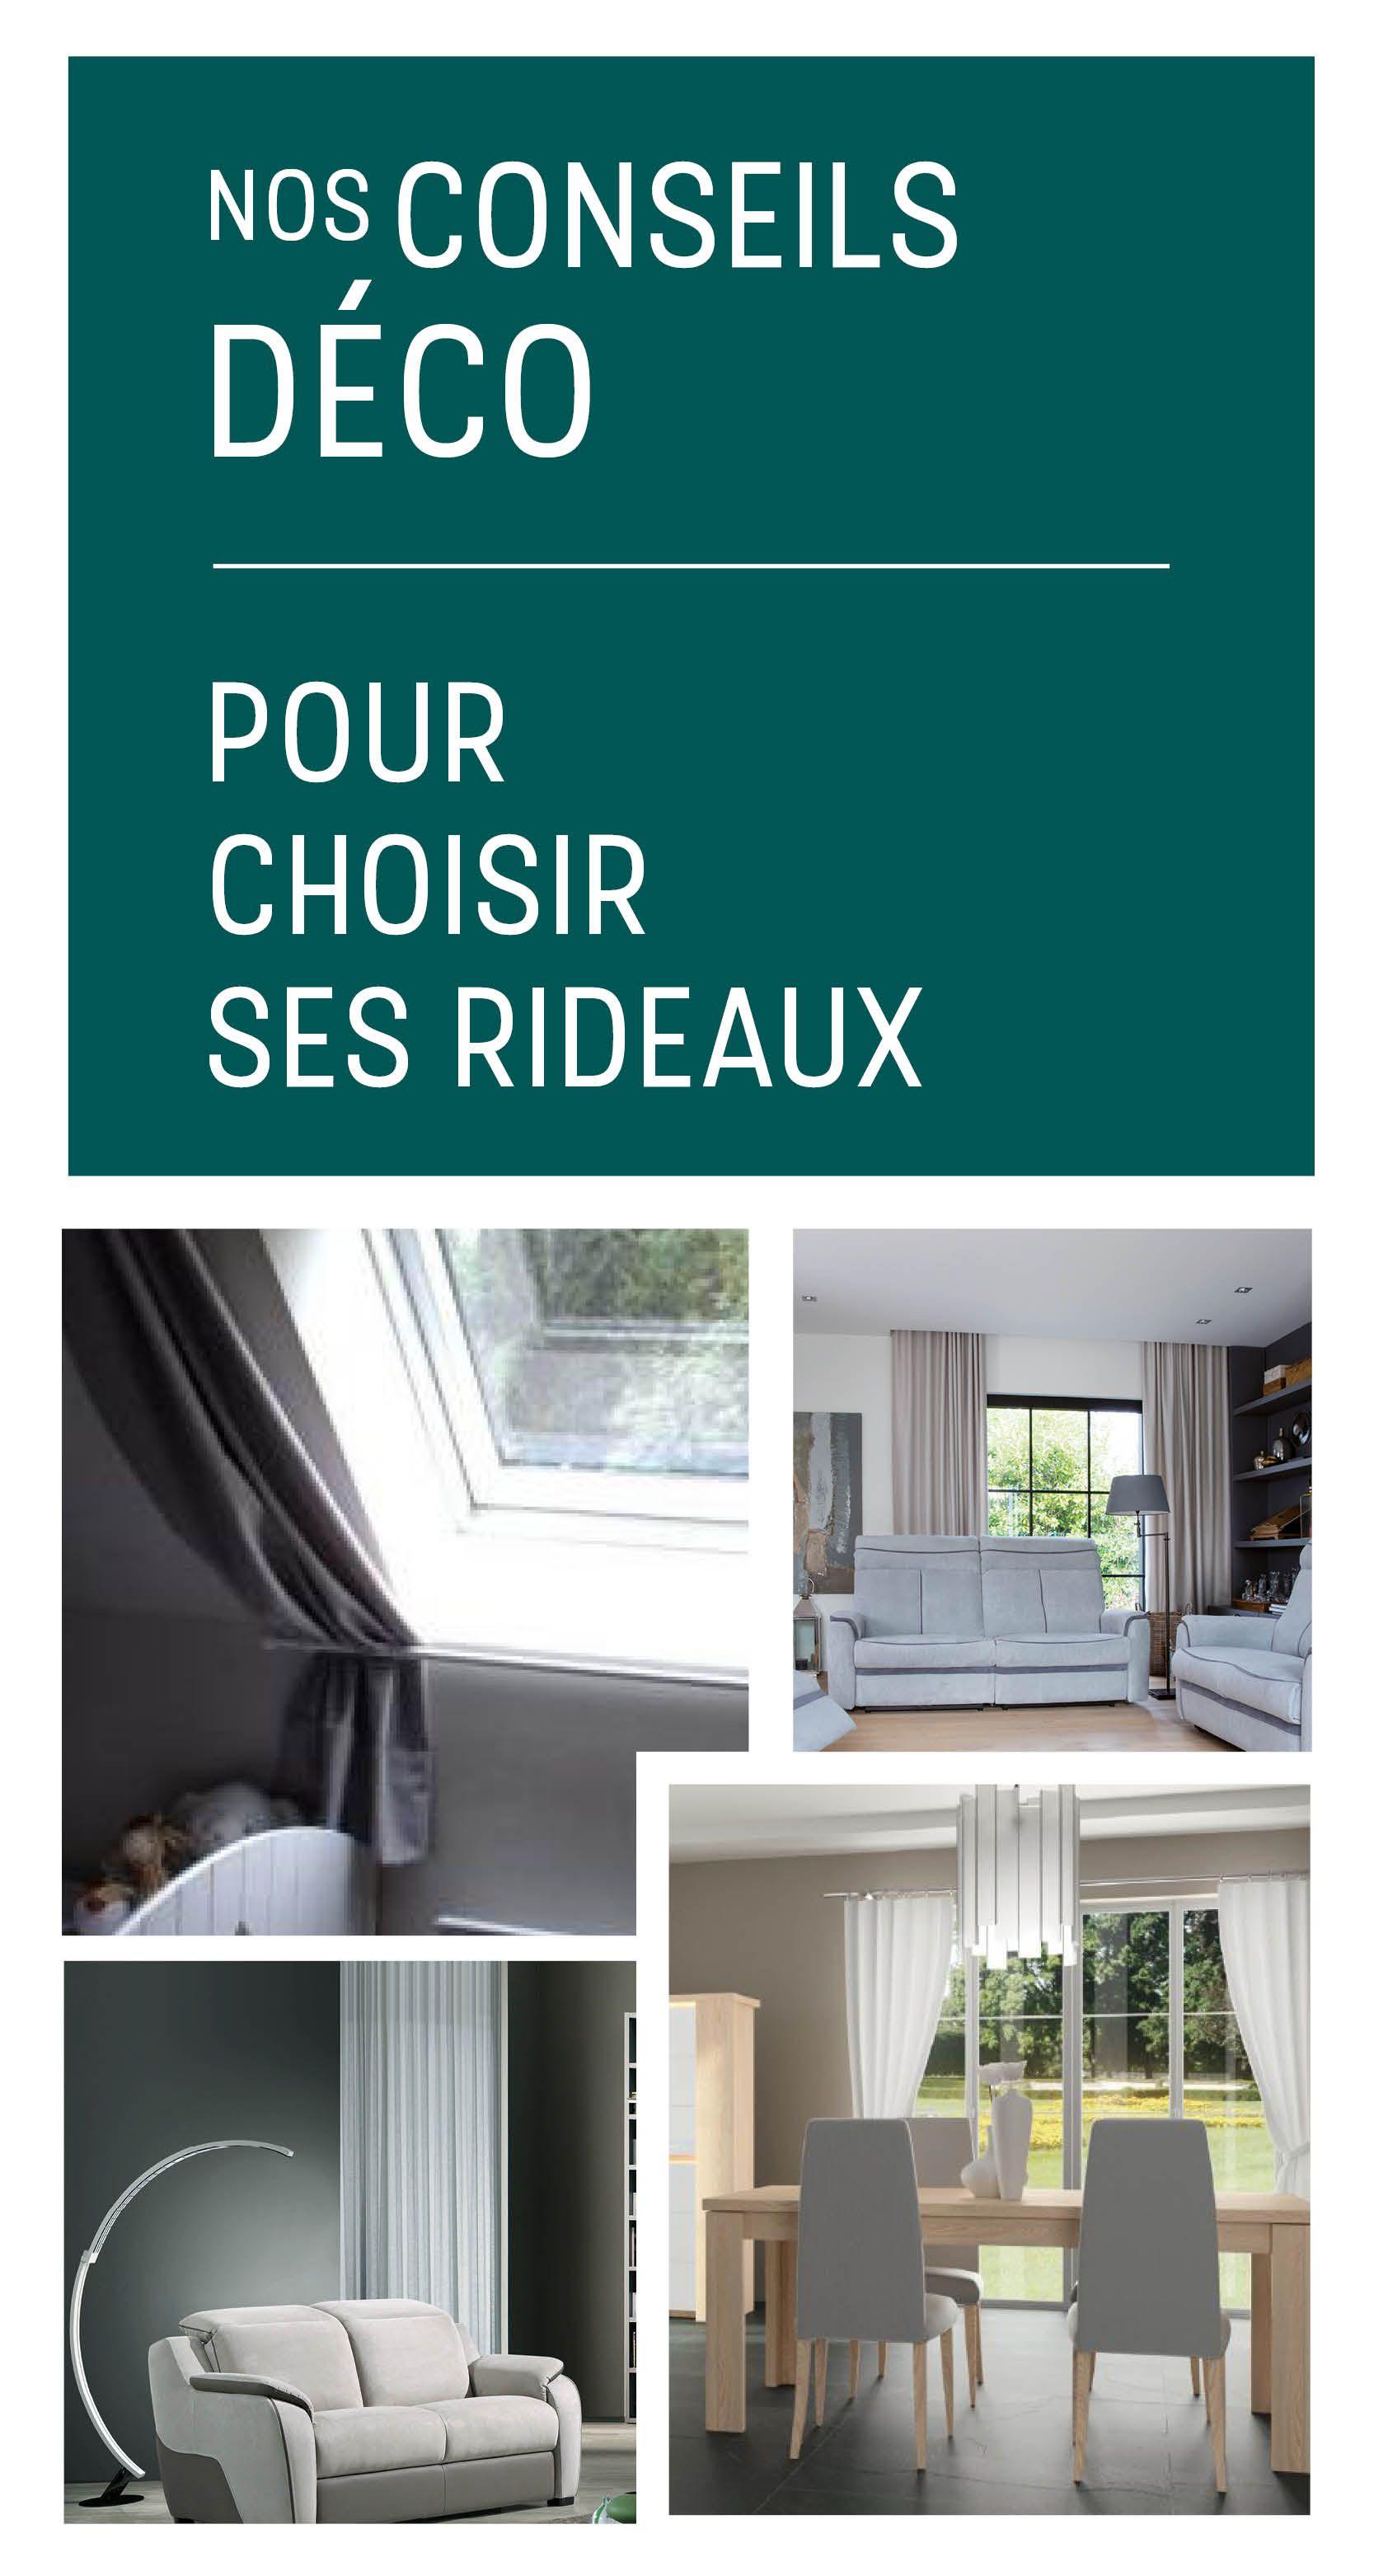 Gobelet Salle De Bain Vert ~ Nos Conseils Pour Choisir Vos Rideaux Conseil Deco Les Rideaux Et